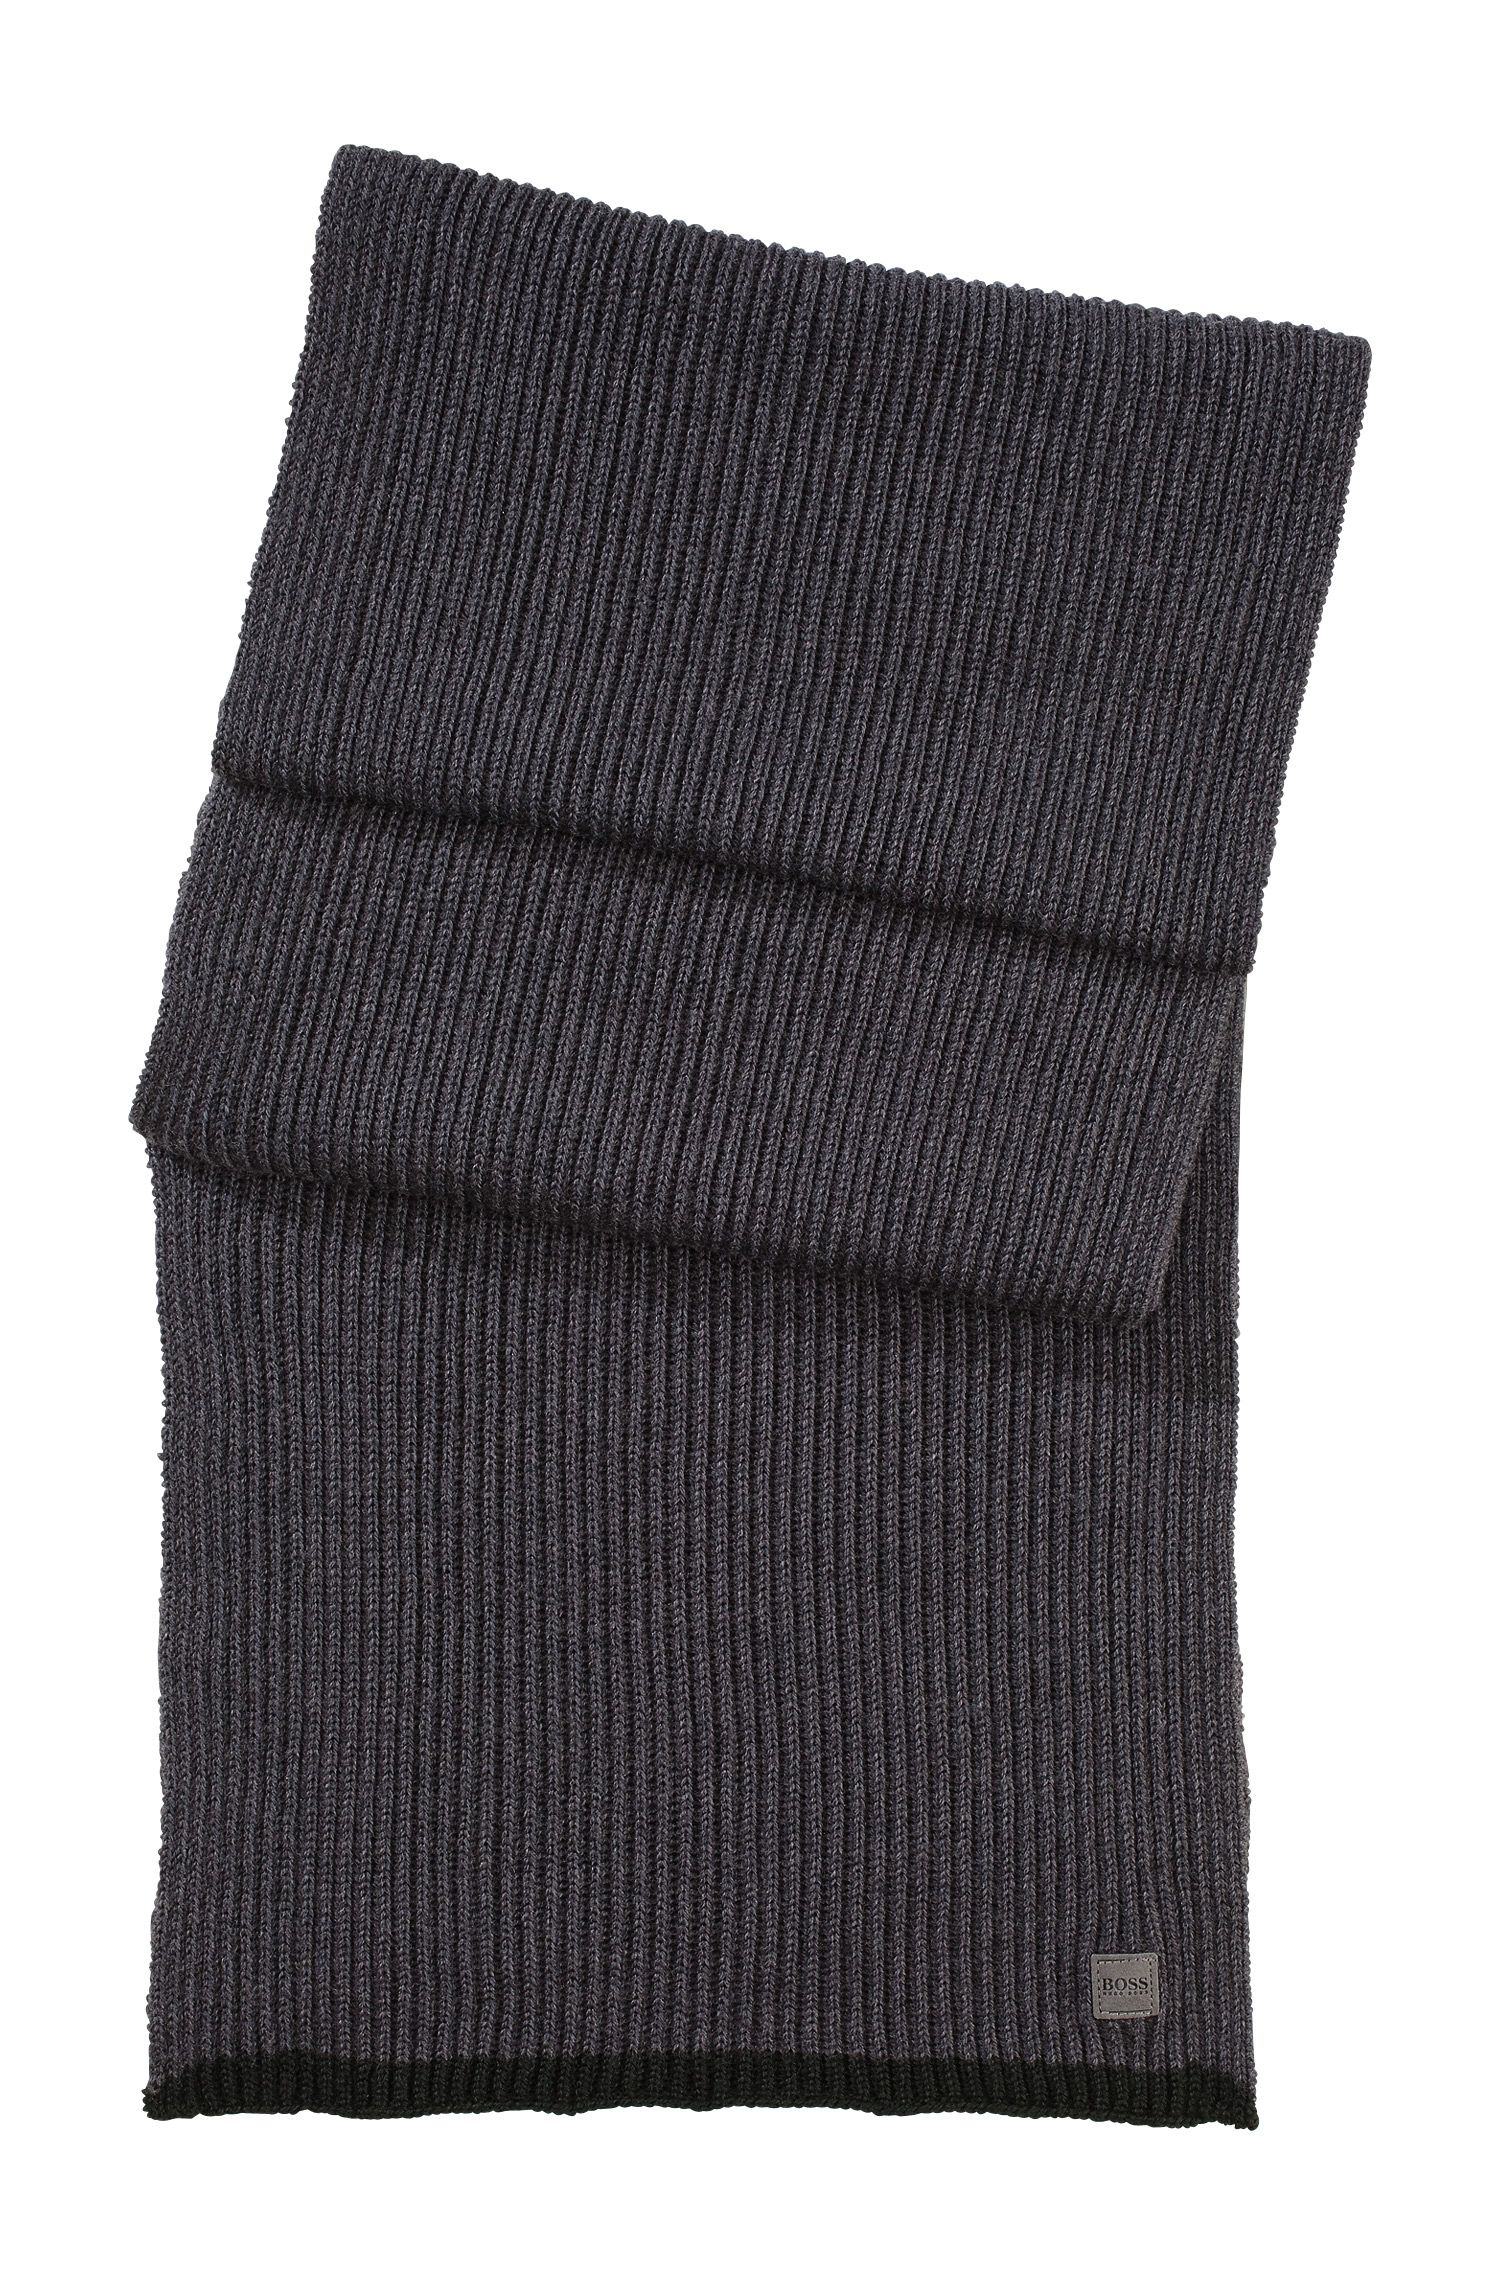 Gebreide sjaal 'Wotano' van zuivere wol